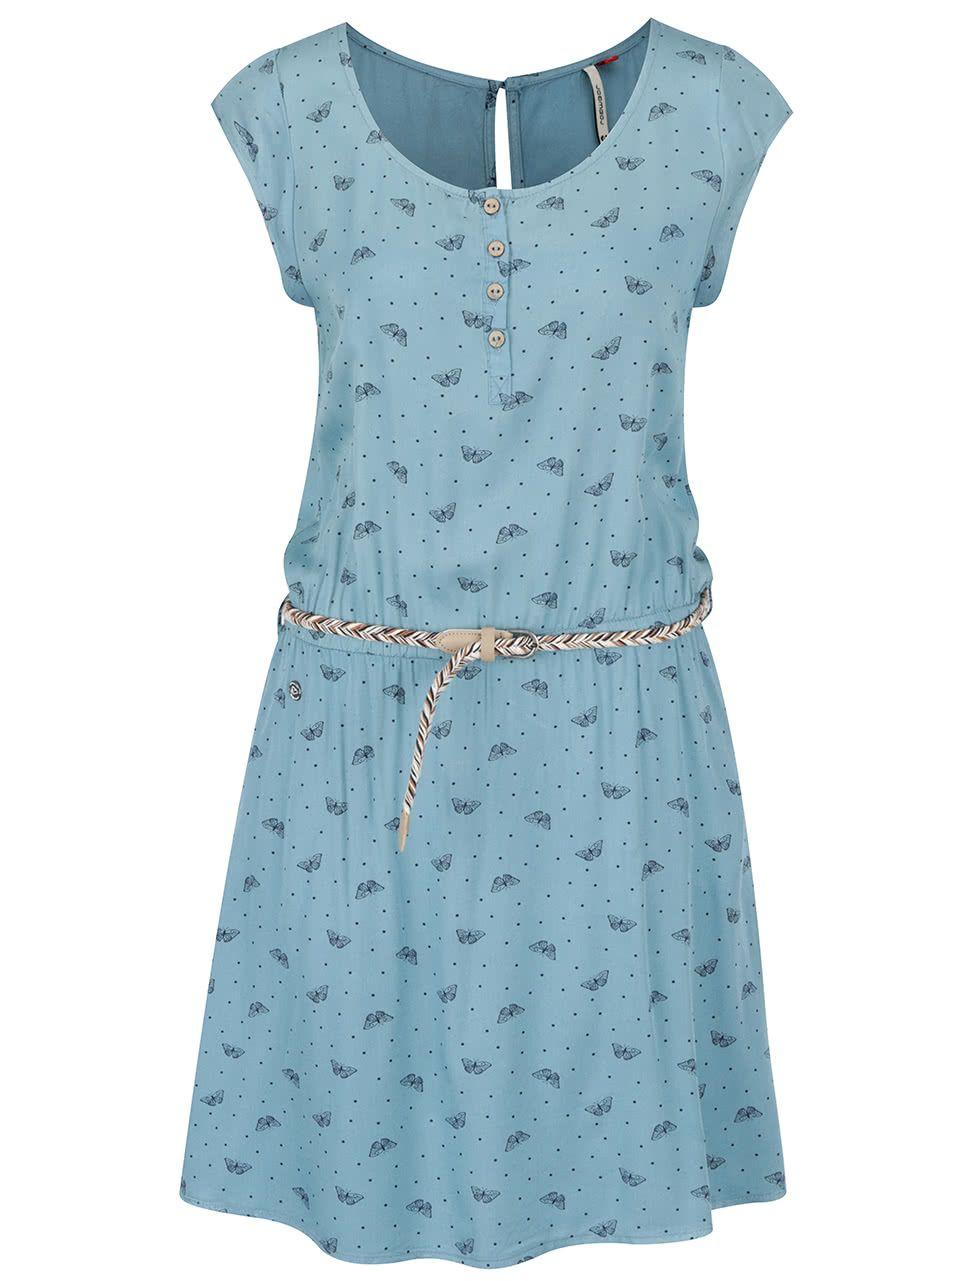 5c9fe9af3242 Modré vzorované šaty s páskem Ragwear Zephie